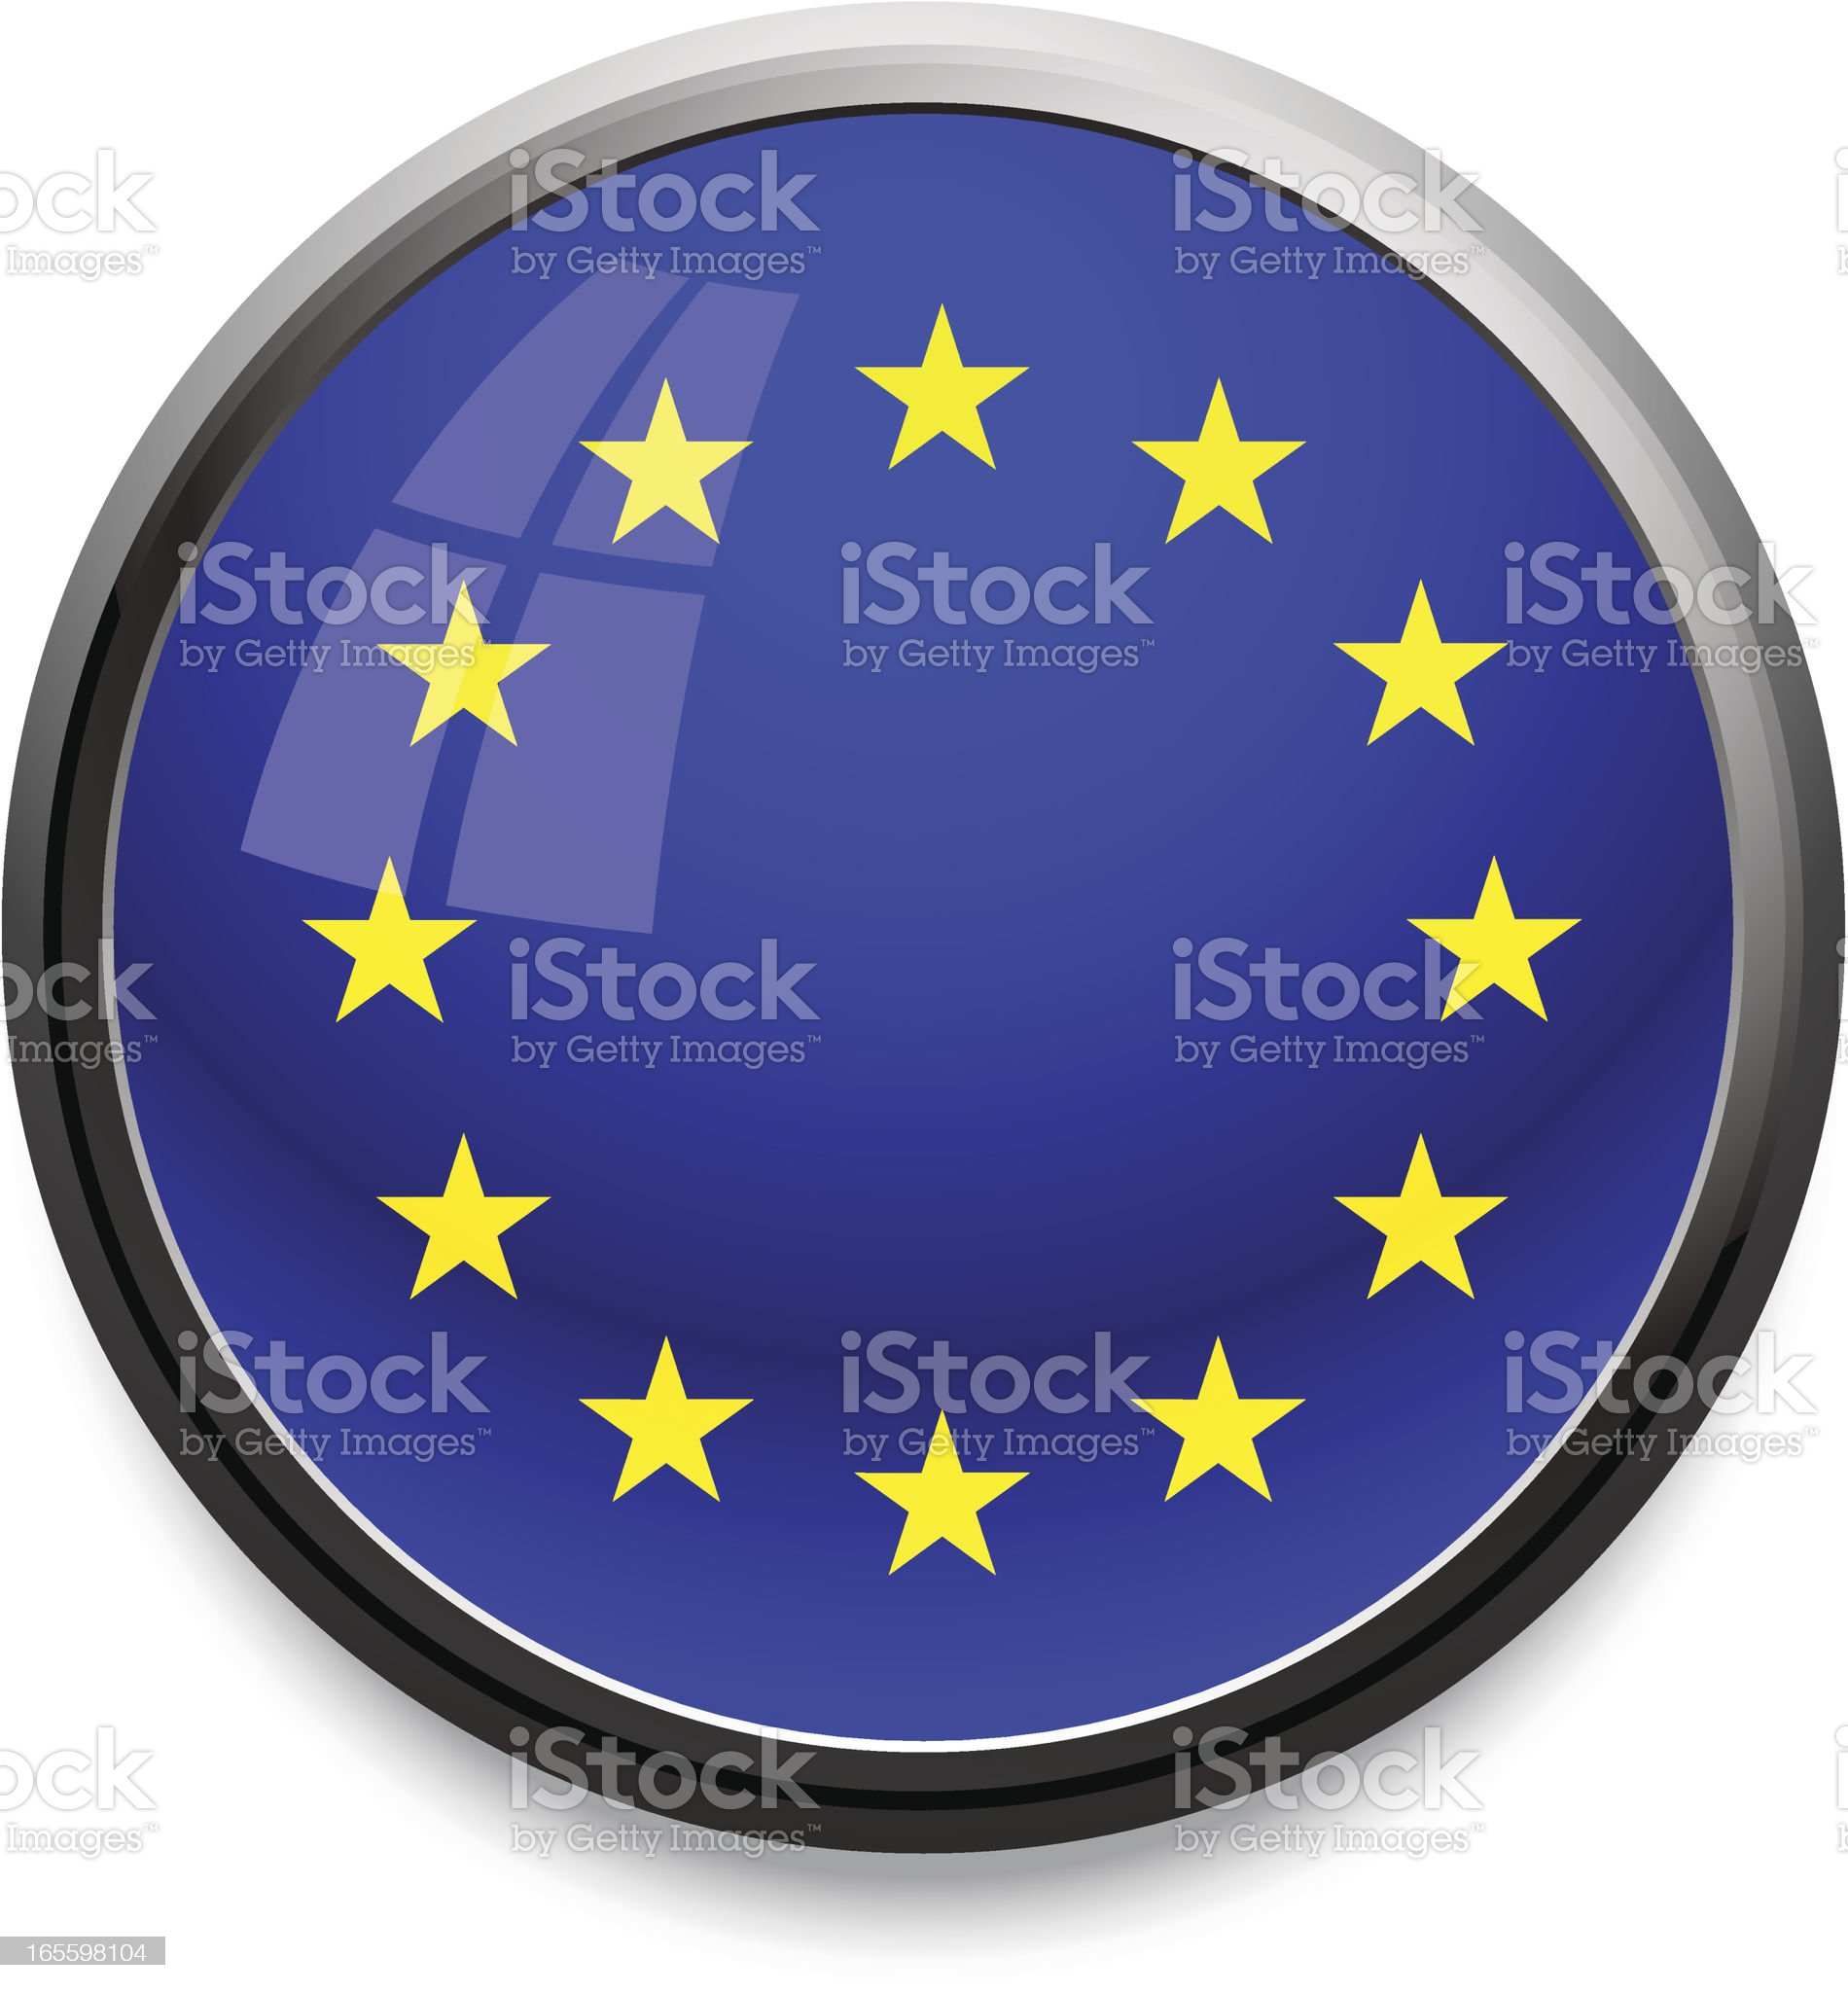 EU - flag icon royalty-free stock vector art